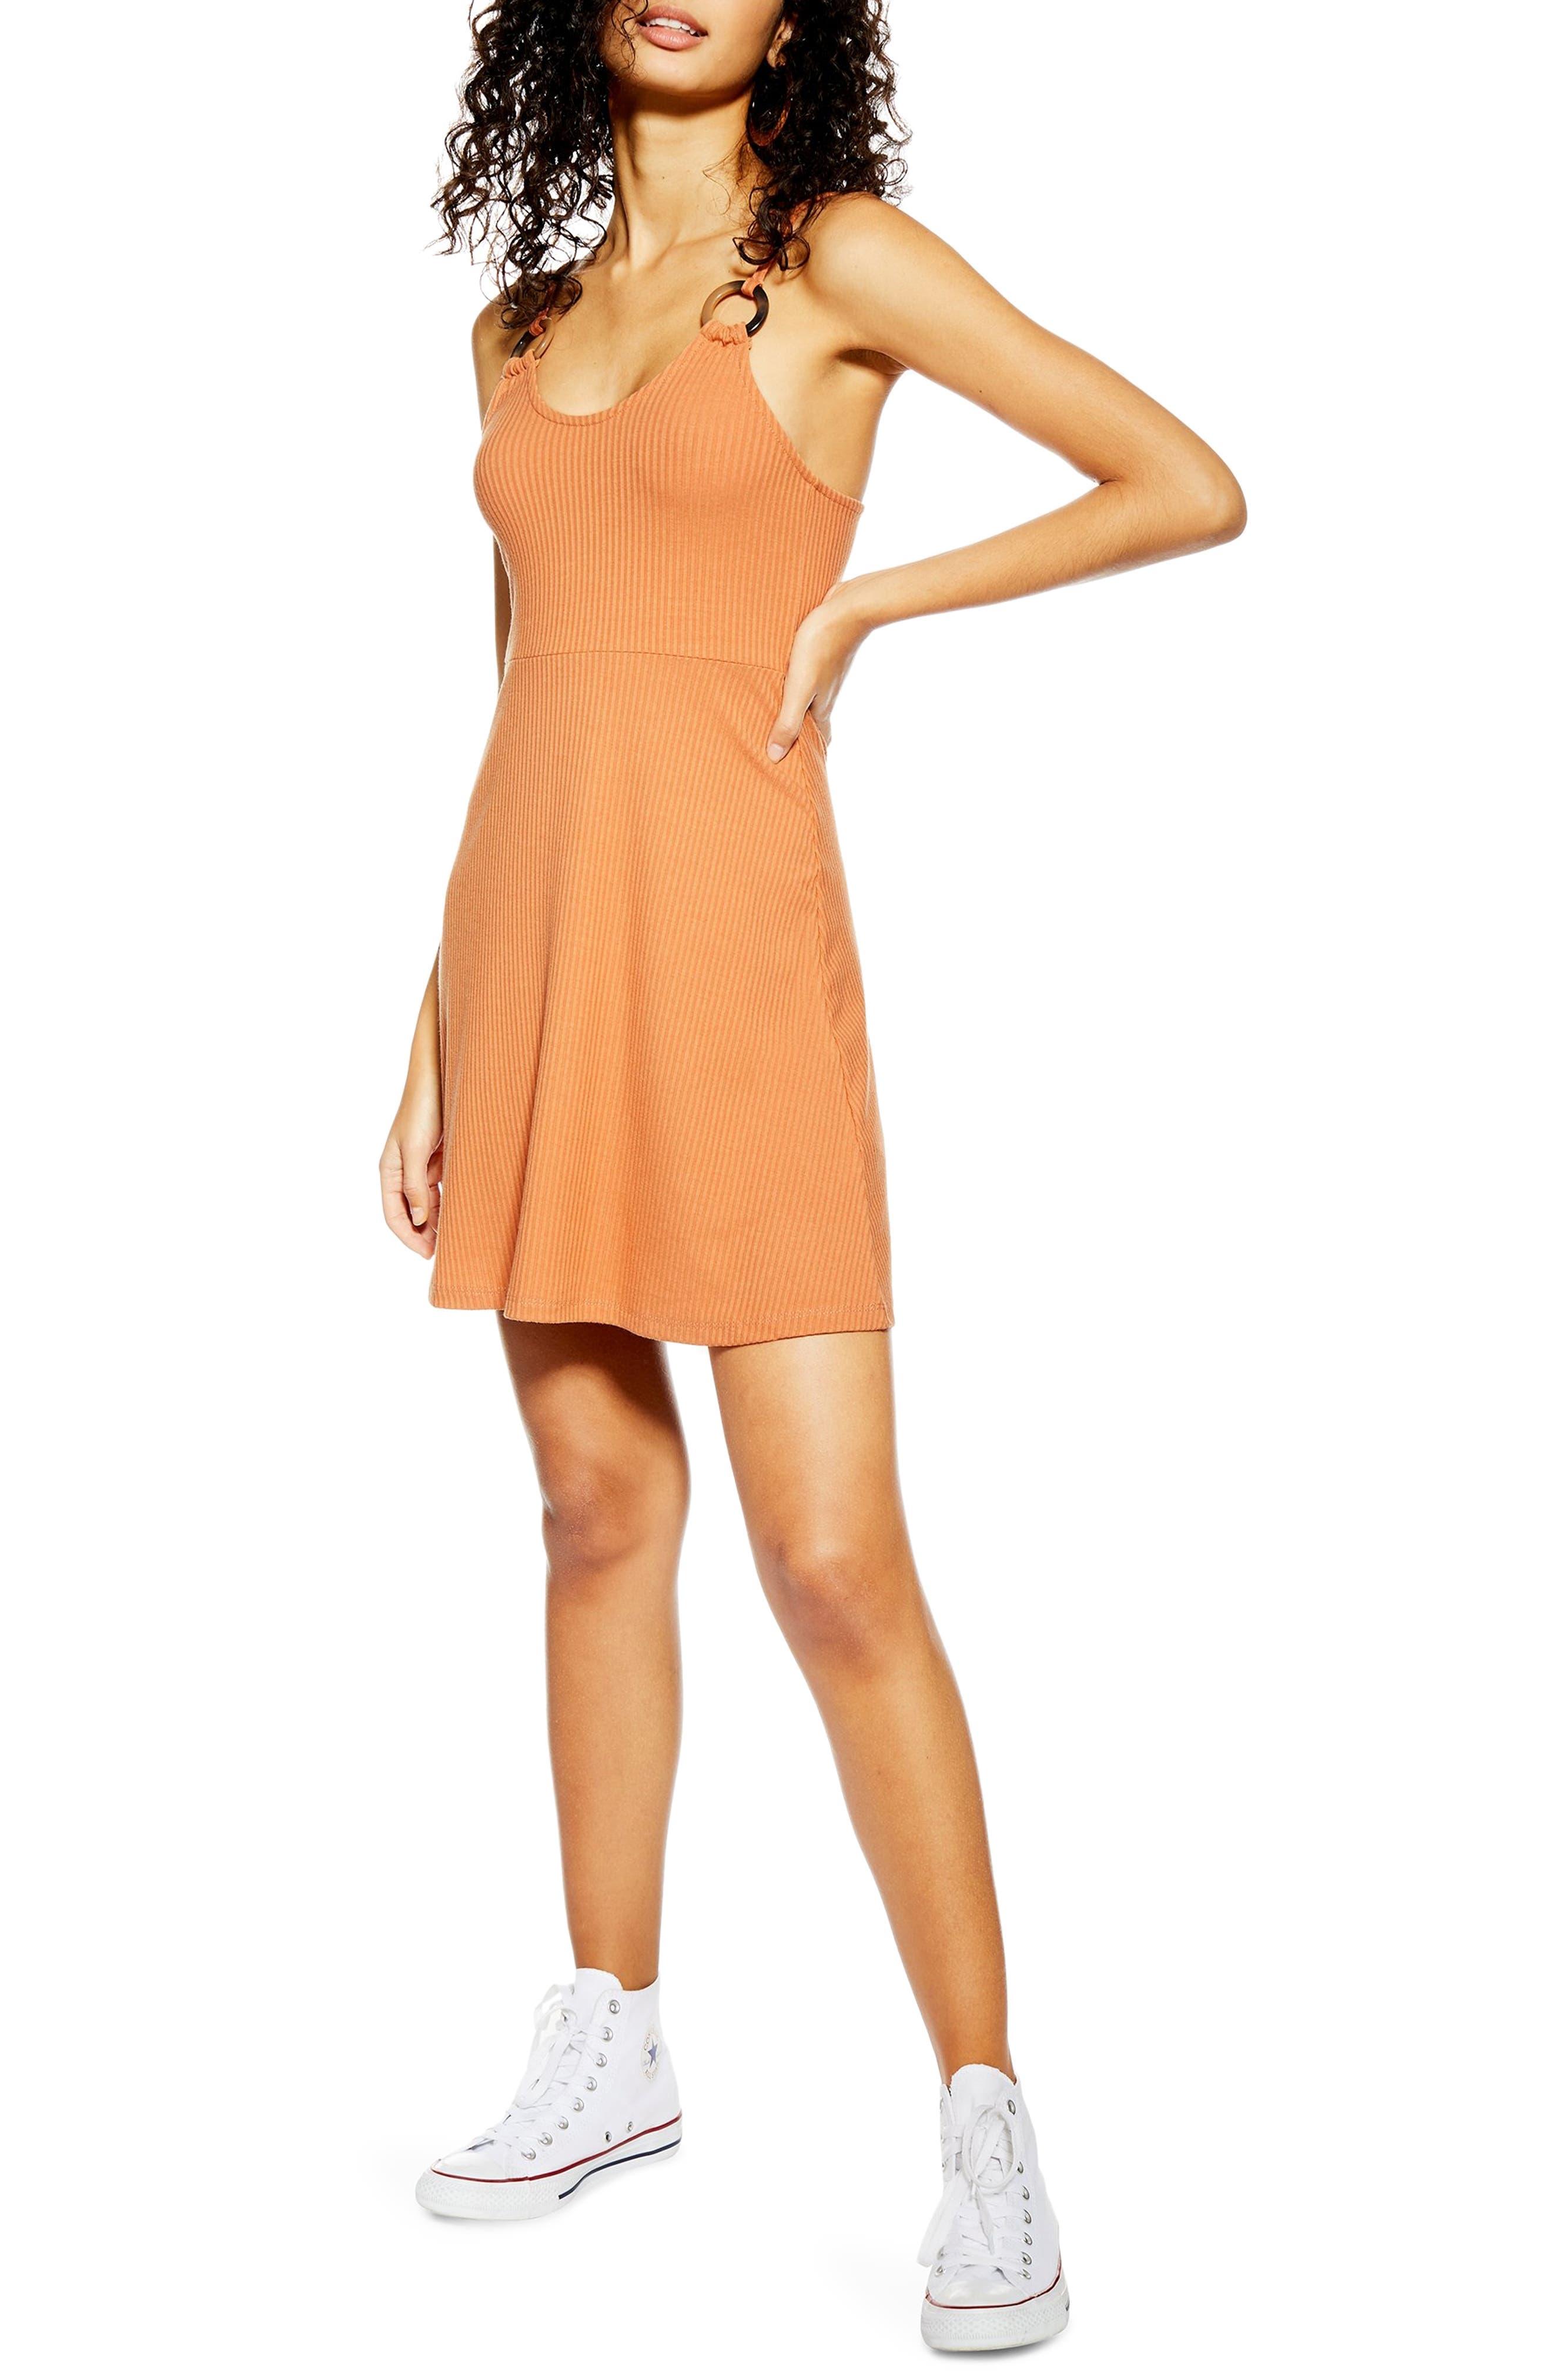 Topshop Rib Knit Dress, US (fits like 14) - Brown